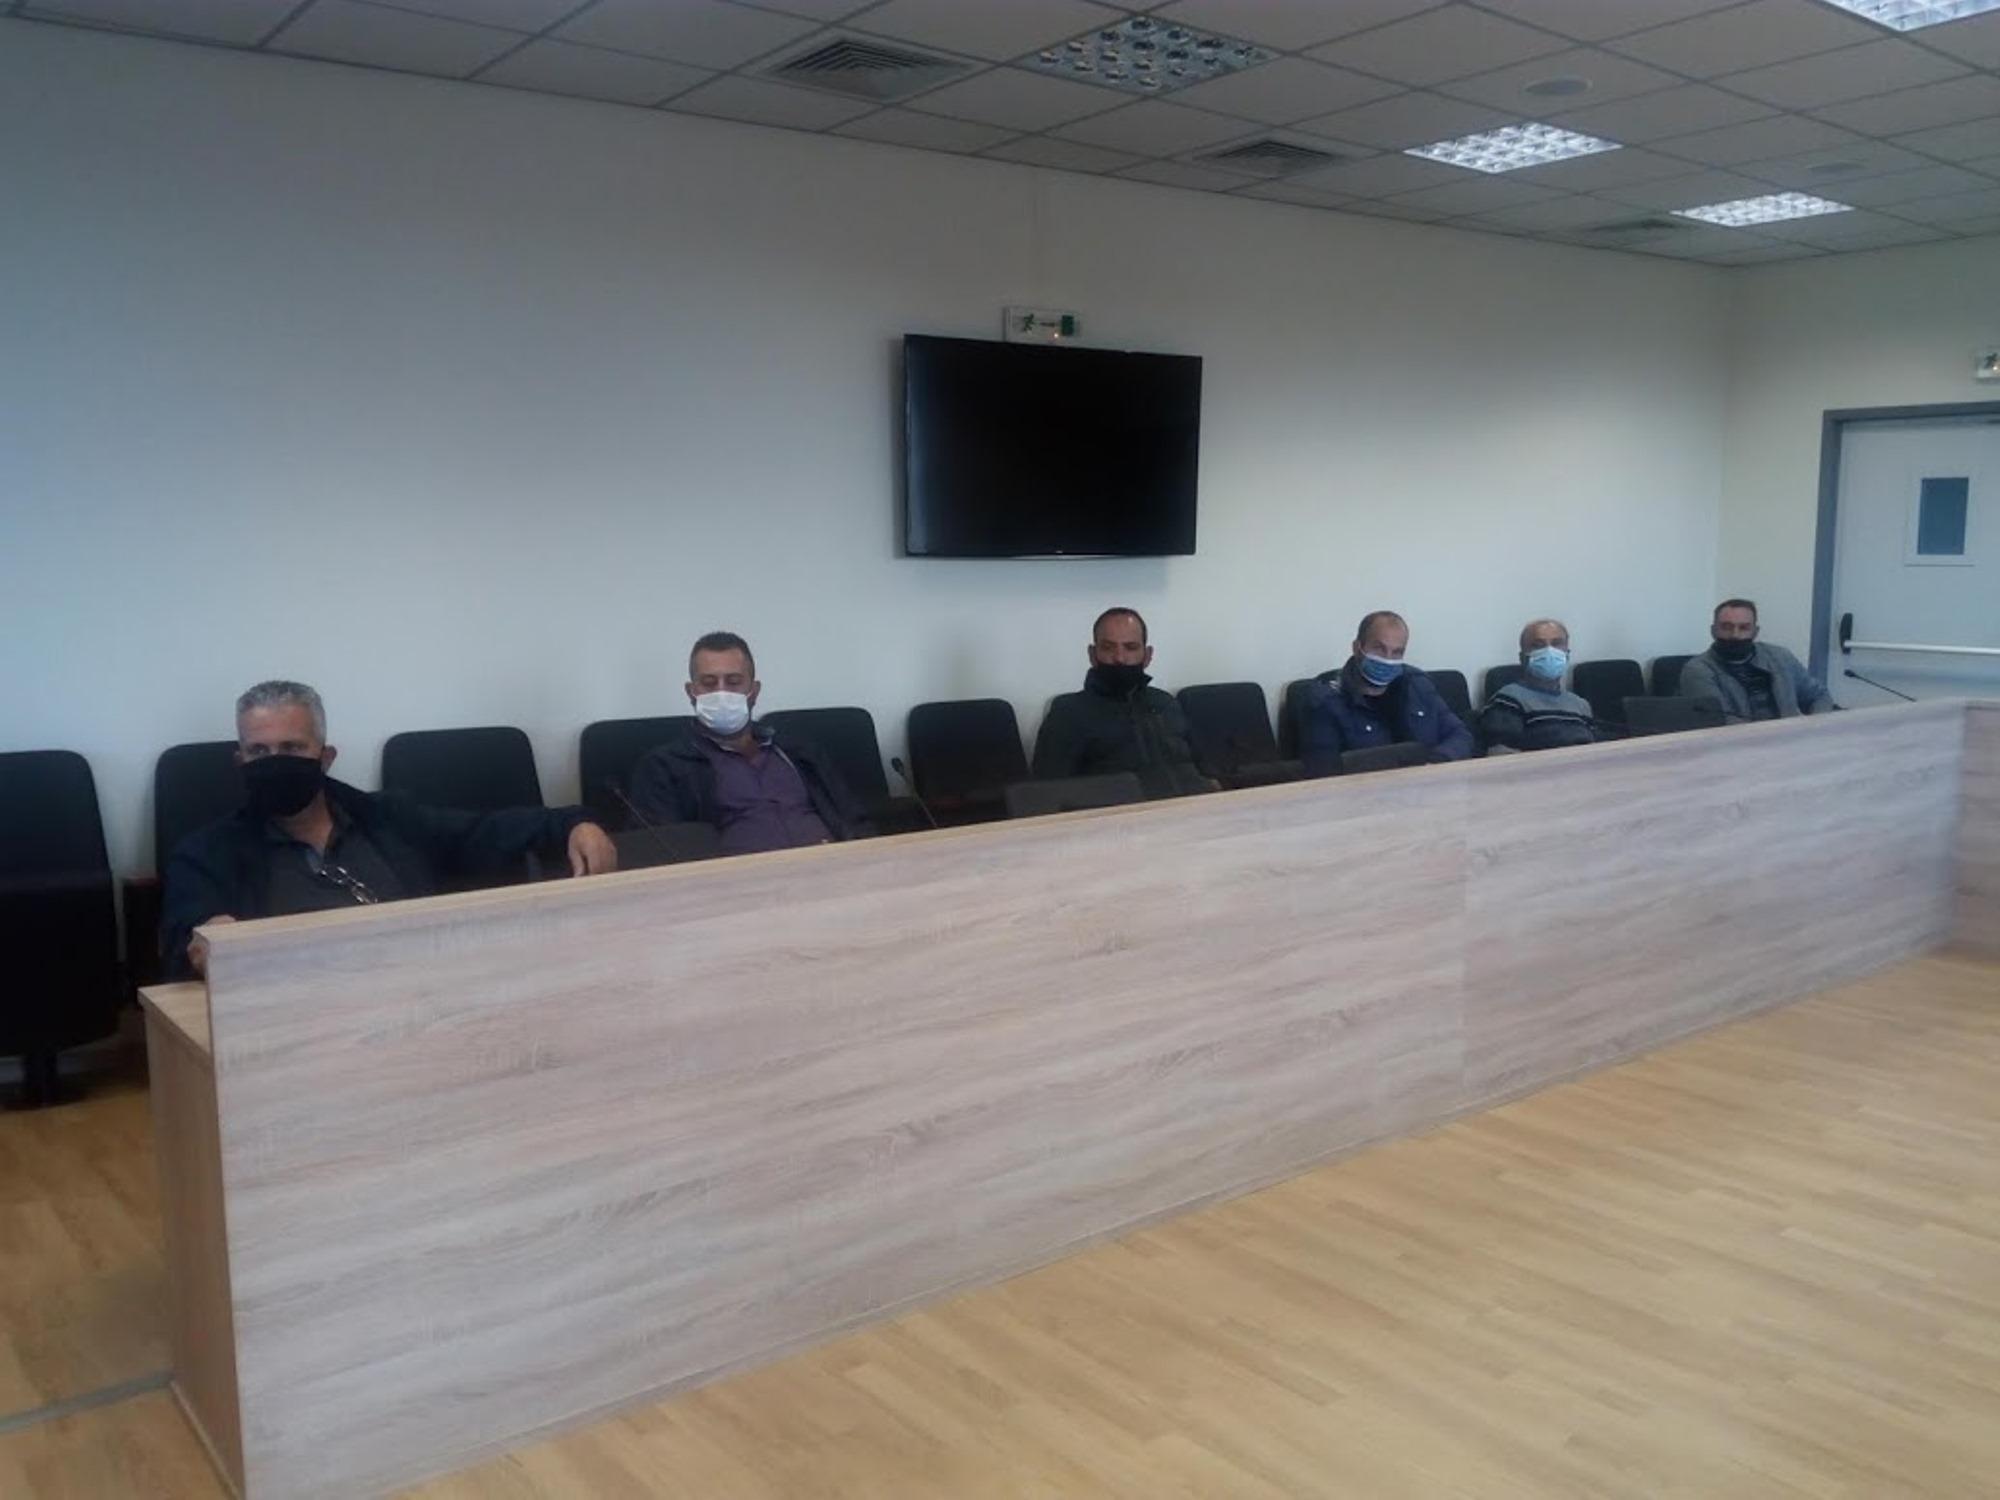 Ιδρύεται Ομάδα Παραγωγών Δήμου Πηνειού